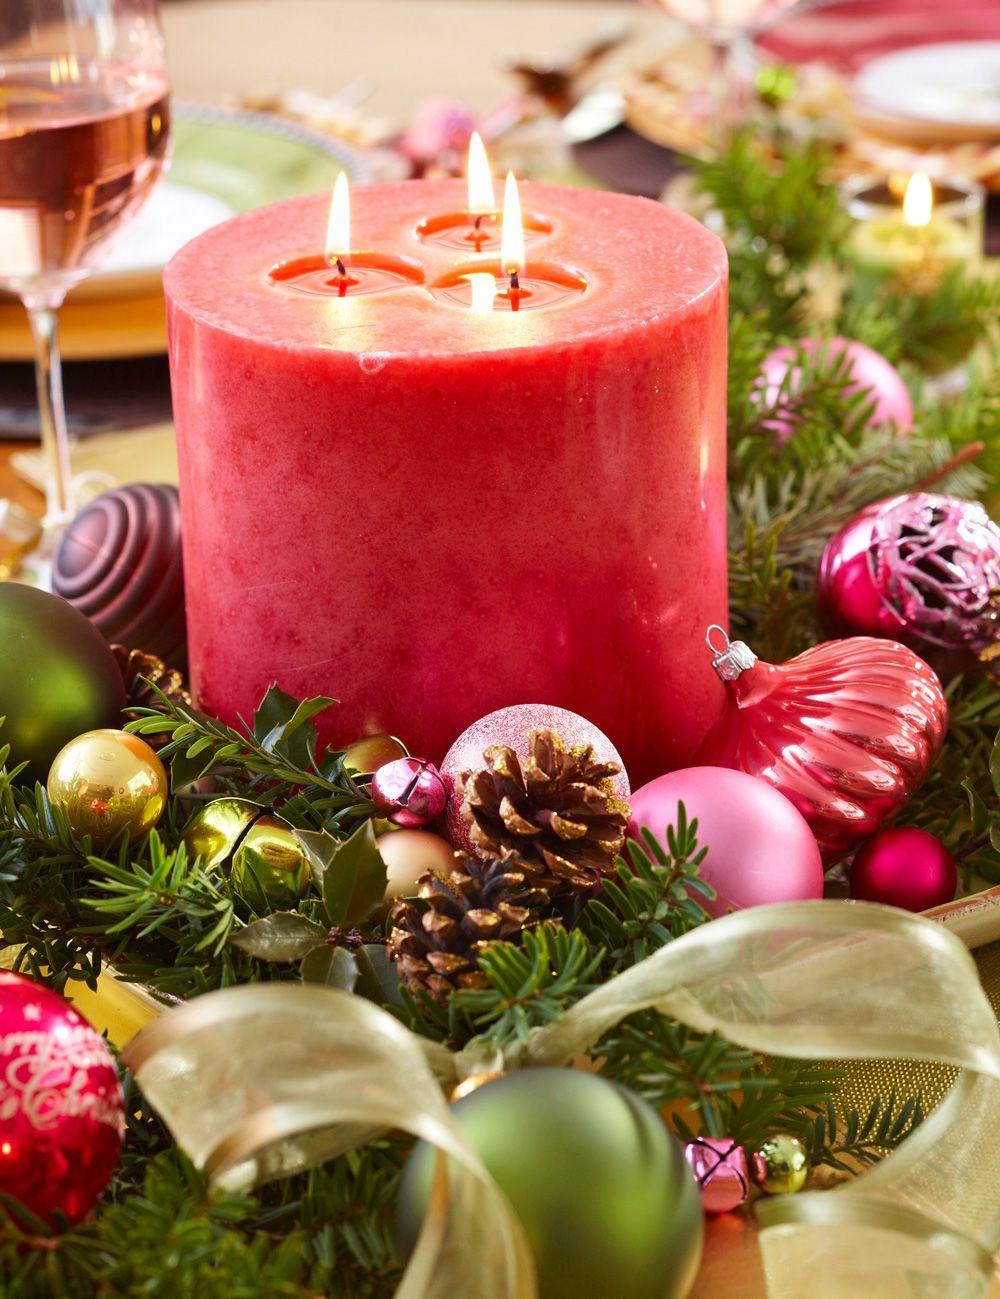 50 Easy Christmas Centerpiece Ideas Christmas Table Decorations Christmas Table Centerpieces Christmas Table